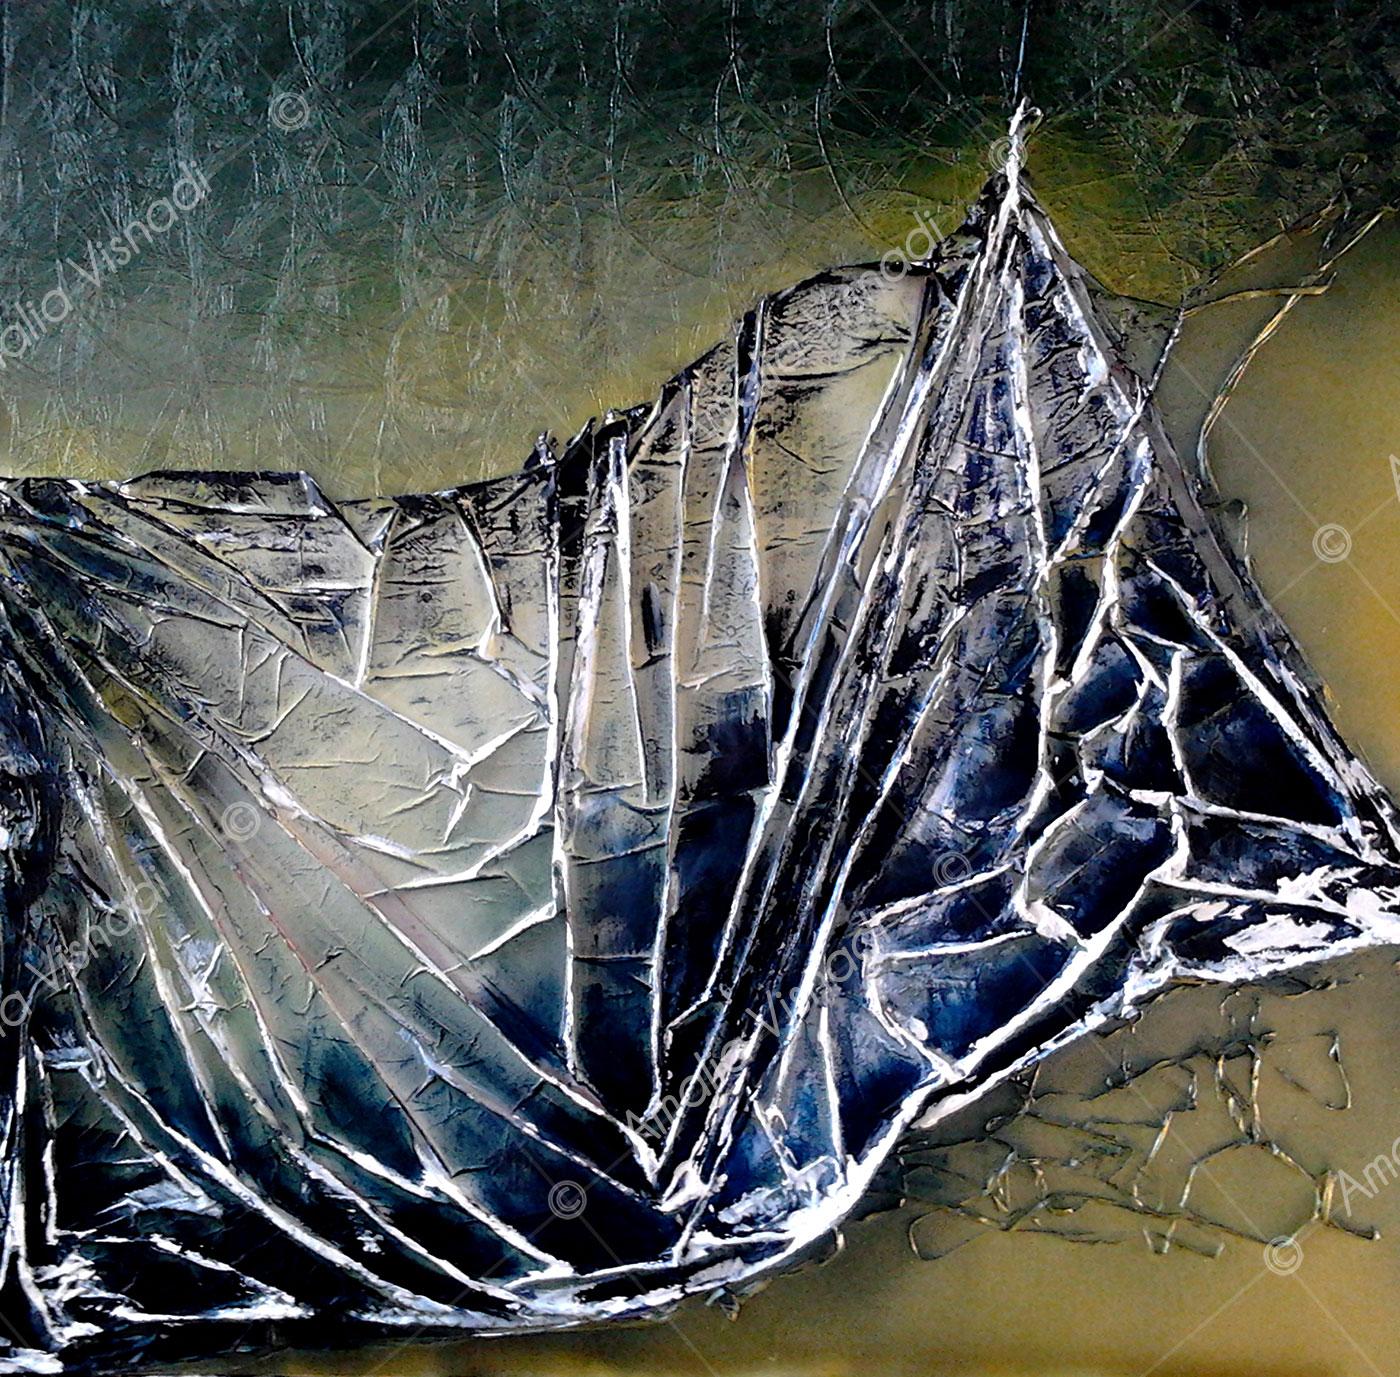 Sipario strappato_Tecnica mista su tela 70 x 70